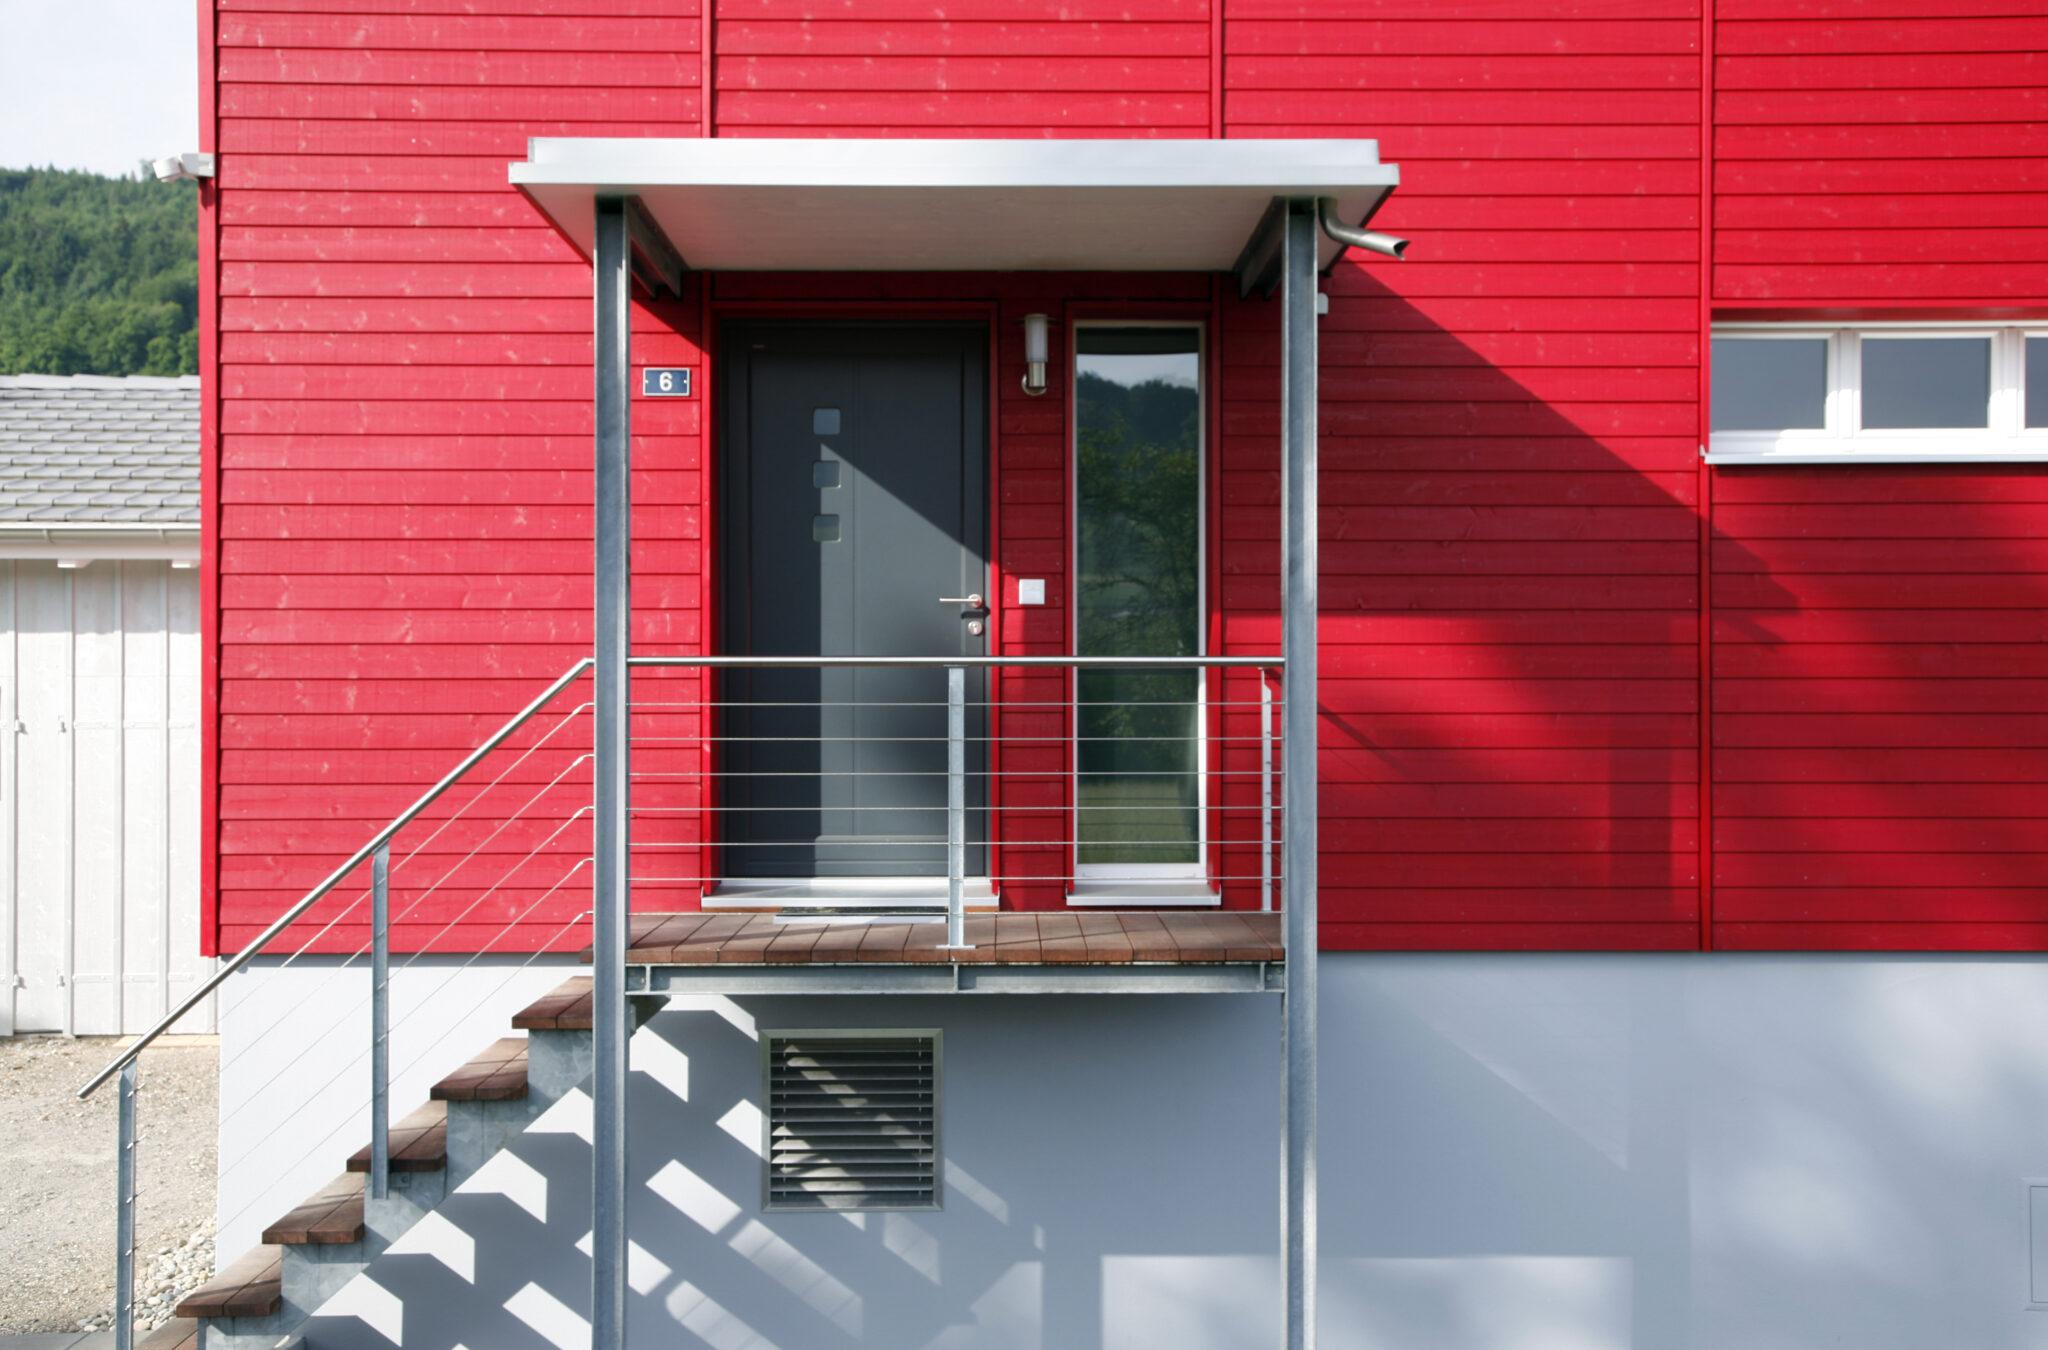 Haustüren, Hauseingang, Neubau, Sanierung